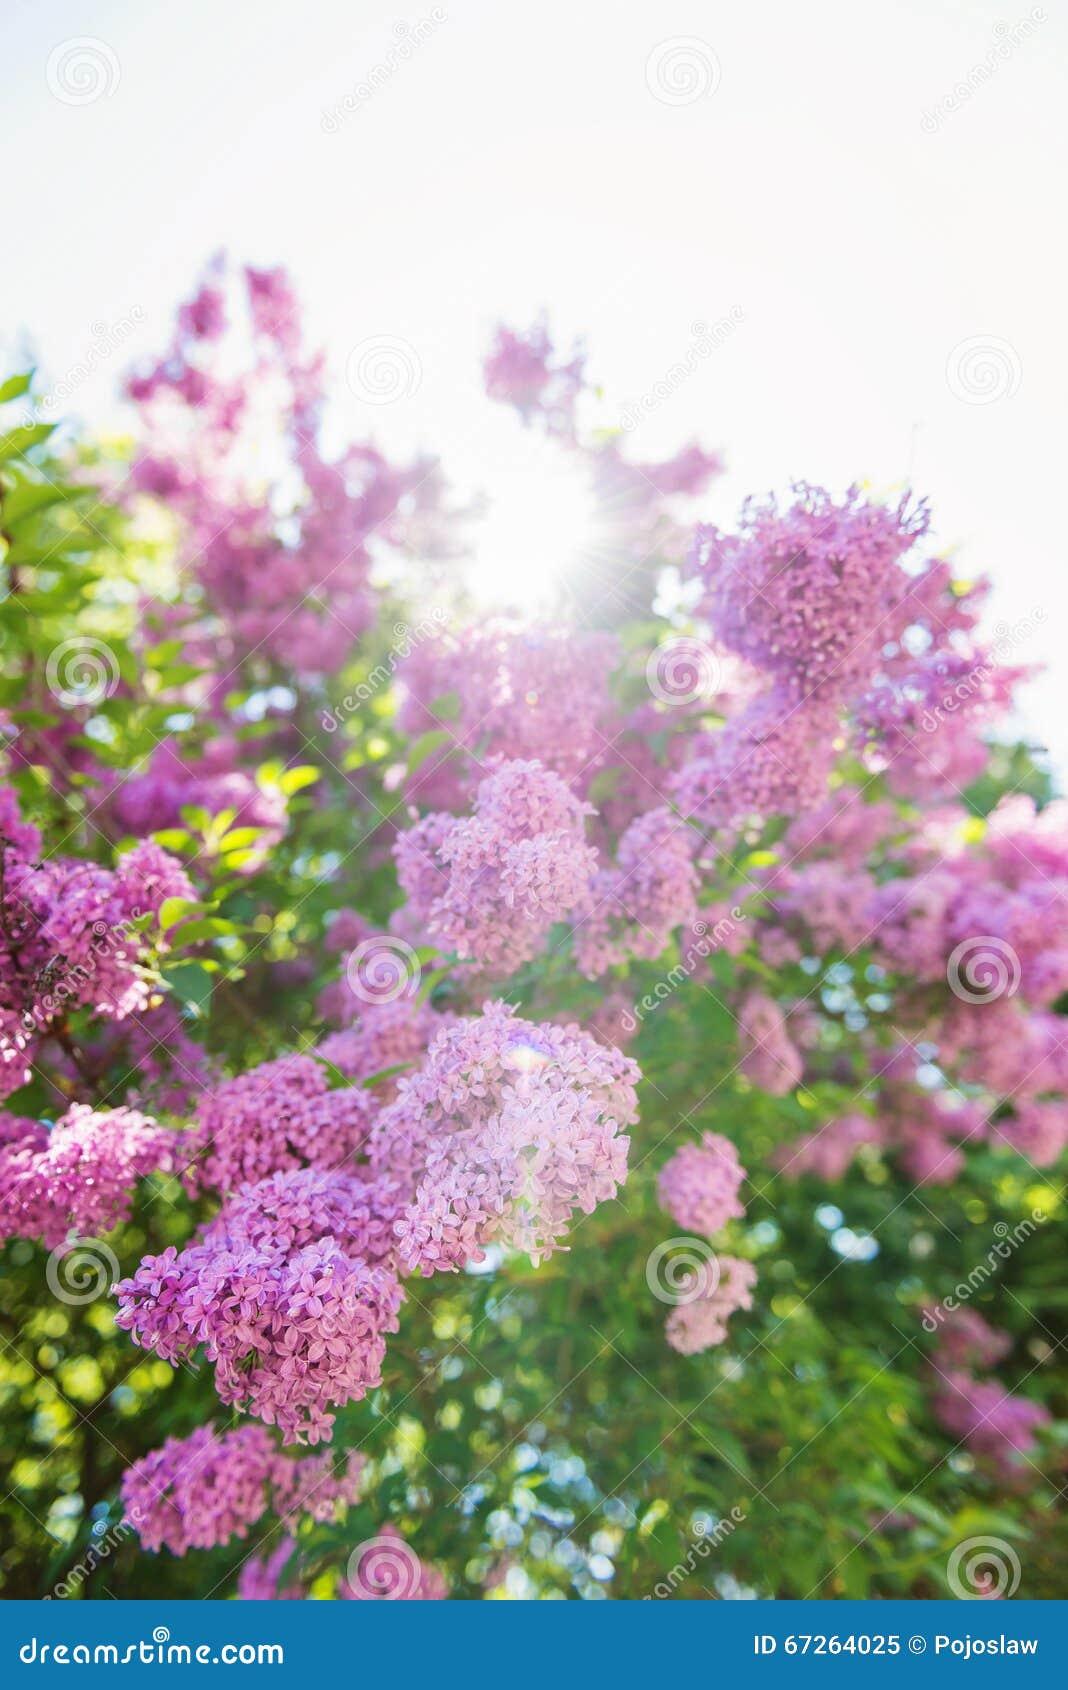 Bluhende Baumaste Mit Violetten Lila Blumen Fruhjahr Stockbild